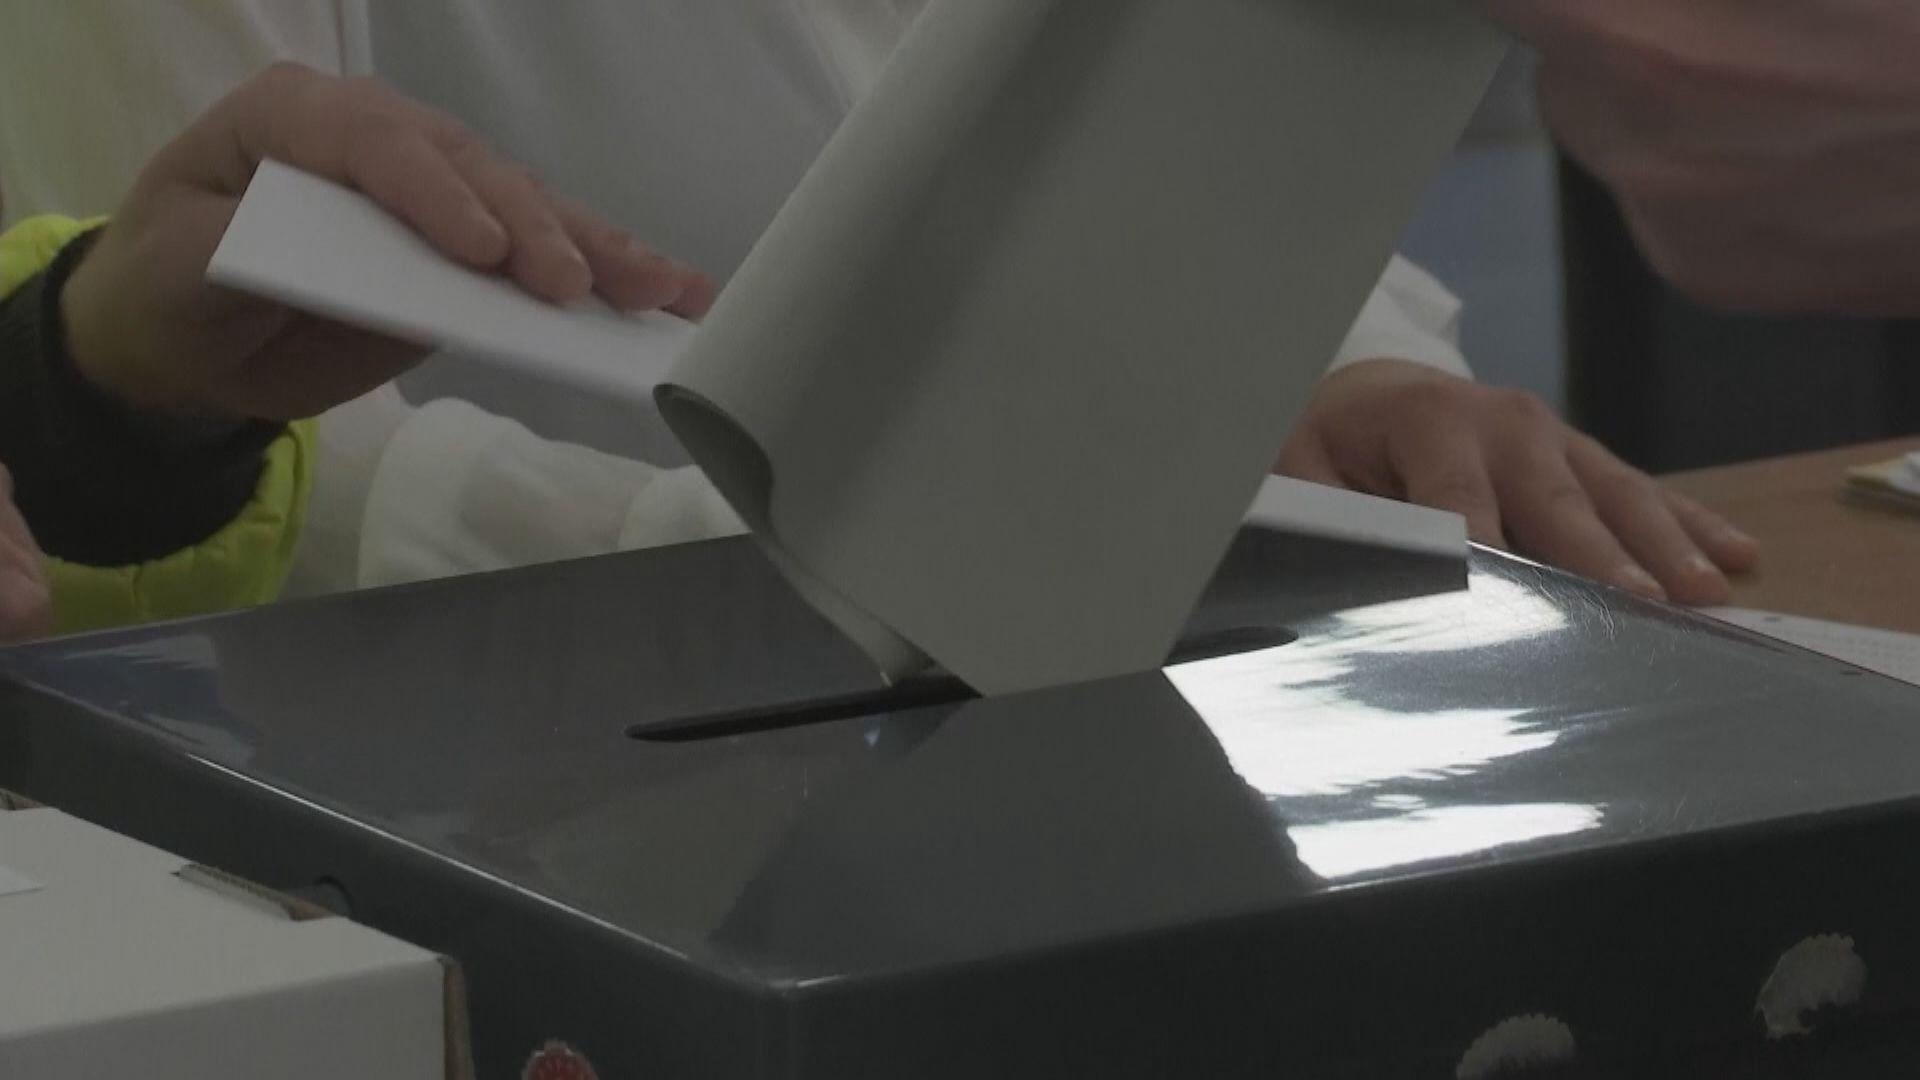 德國選舉:拉舍特沒摺好選票致投票意向外洩  當局稱選票有效